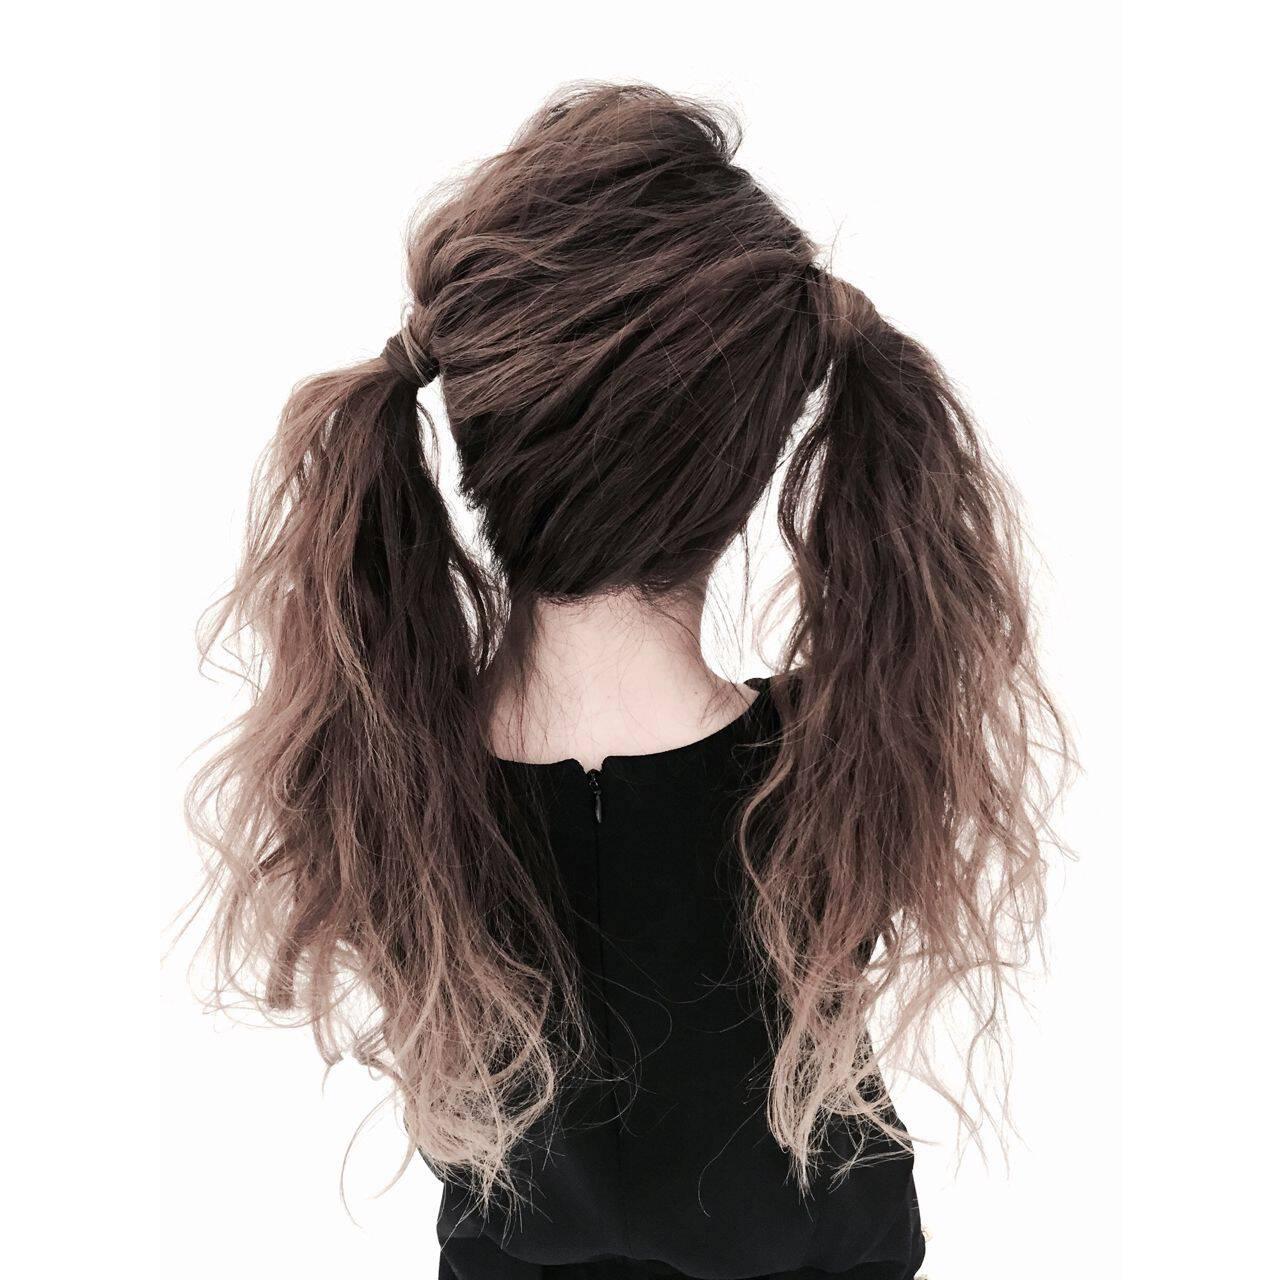 アップスタイル ヘアアレンジ ガーリー ツインテールヘアスタイルや髪型の写真・画像